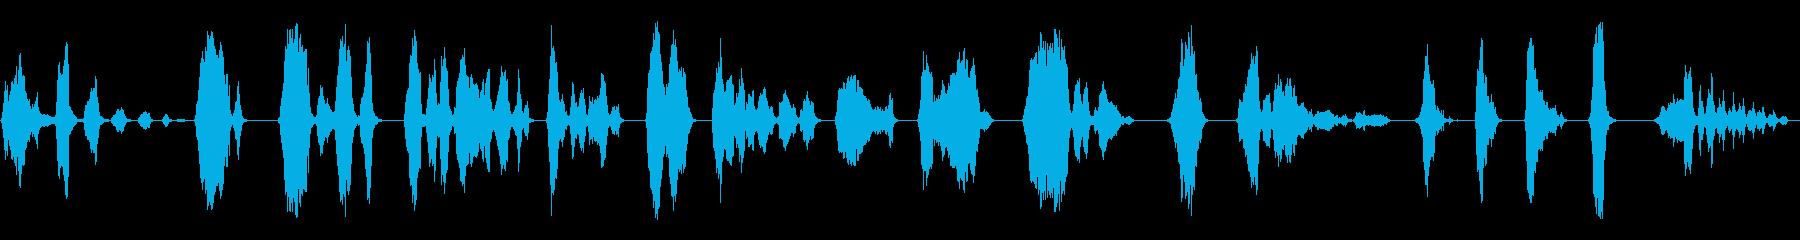 男性:男性だけの人間の声;叫び声と叫び声の再生済みの波形